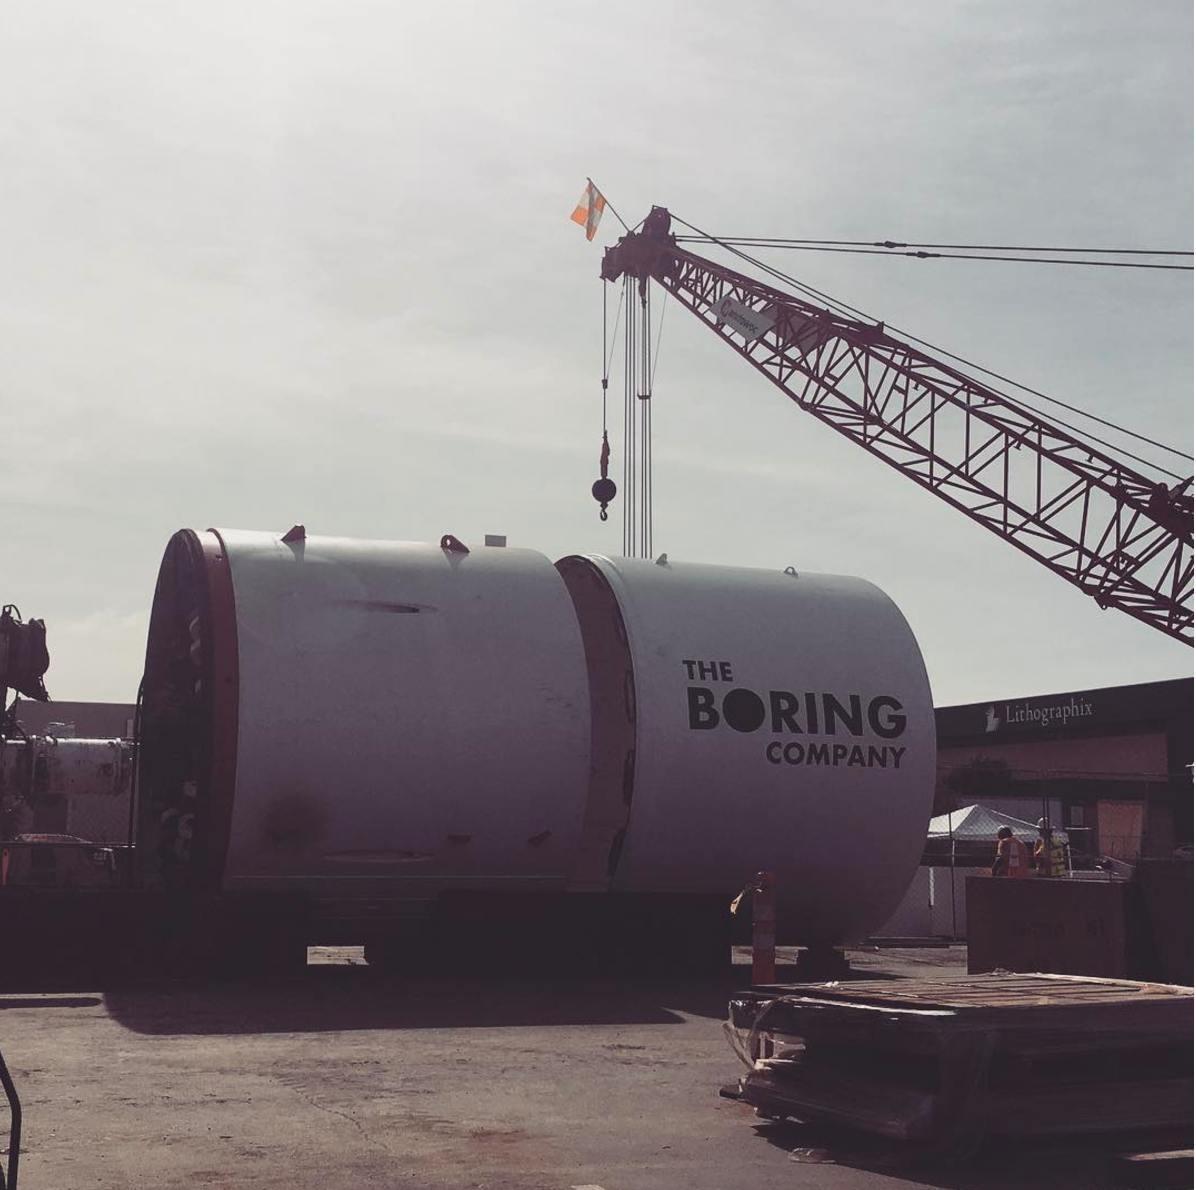 Проходческий щит Илона Маска прибыл к яме на парковке SpaceX - 3